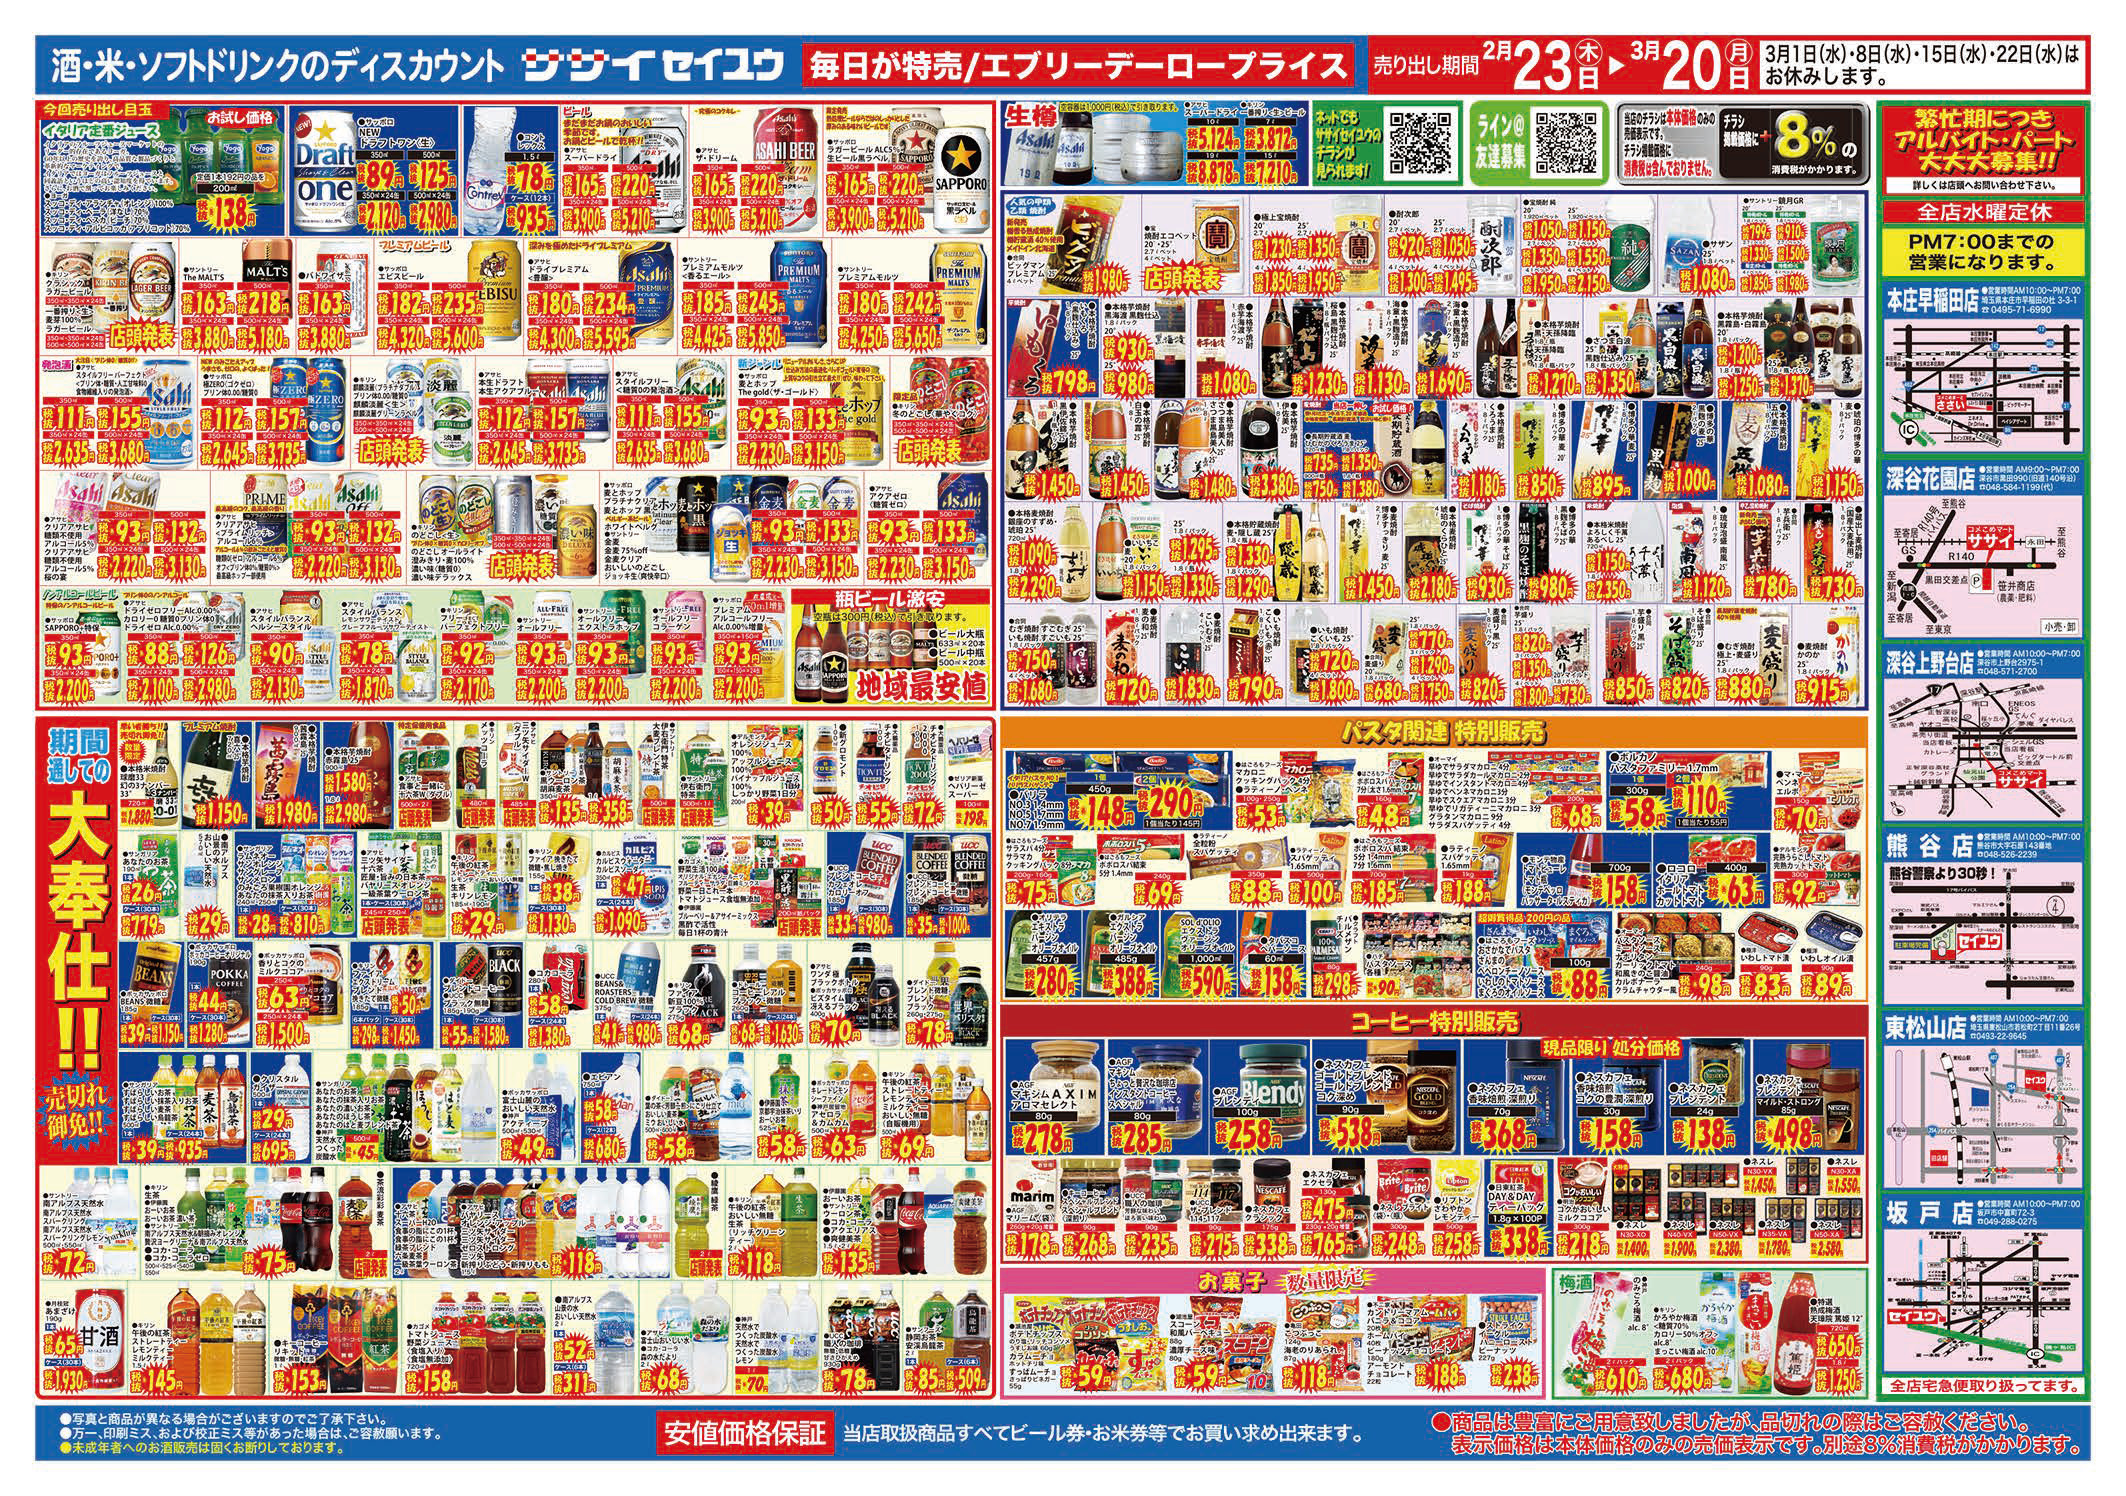 20170223笹井商店様表B3チラシ